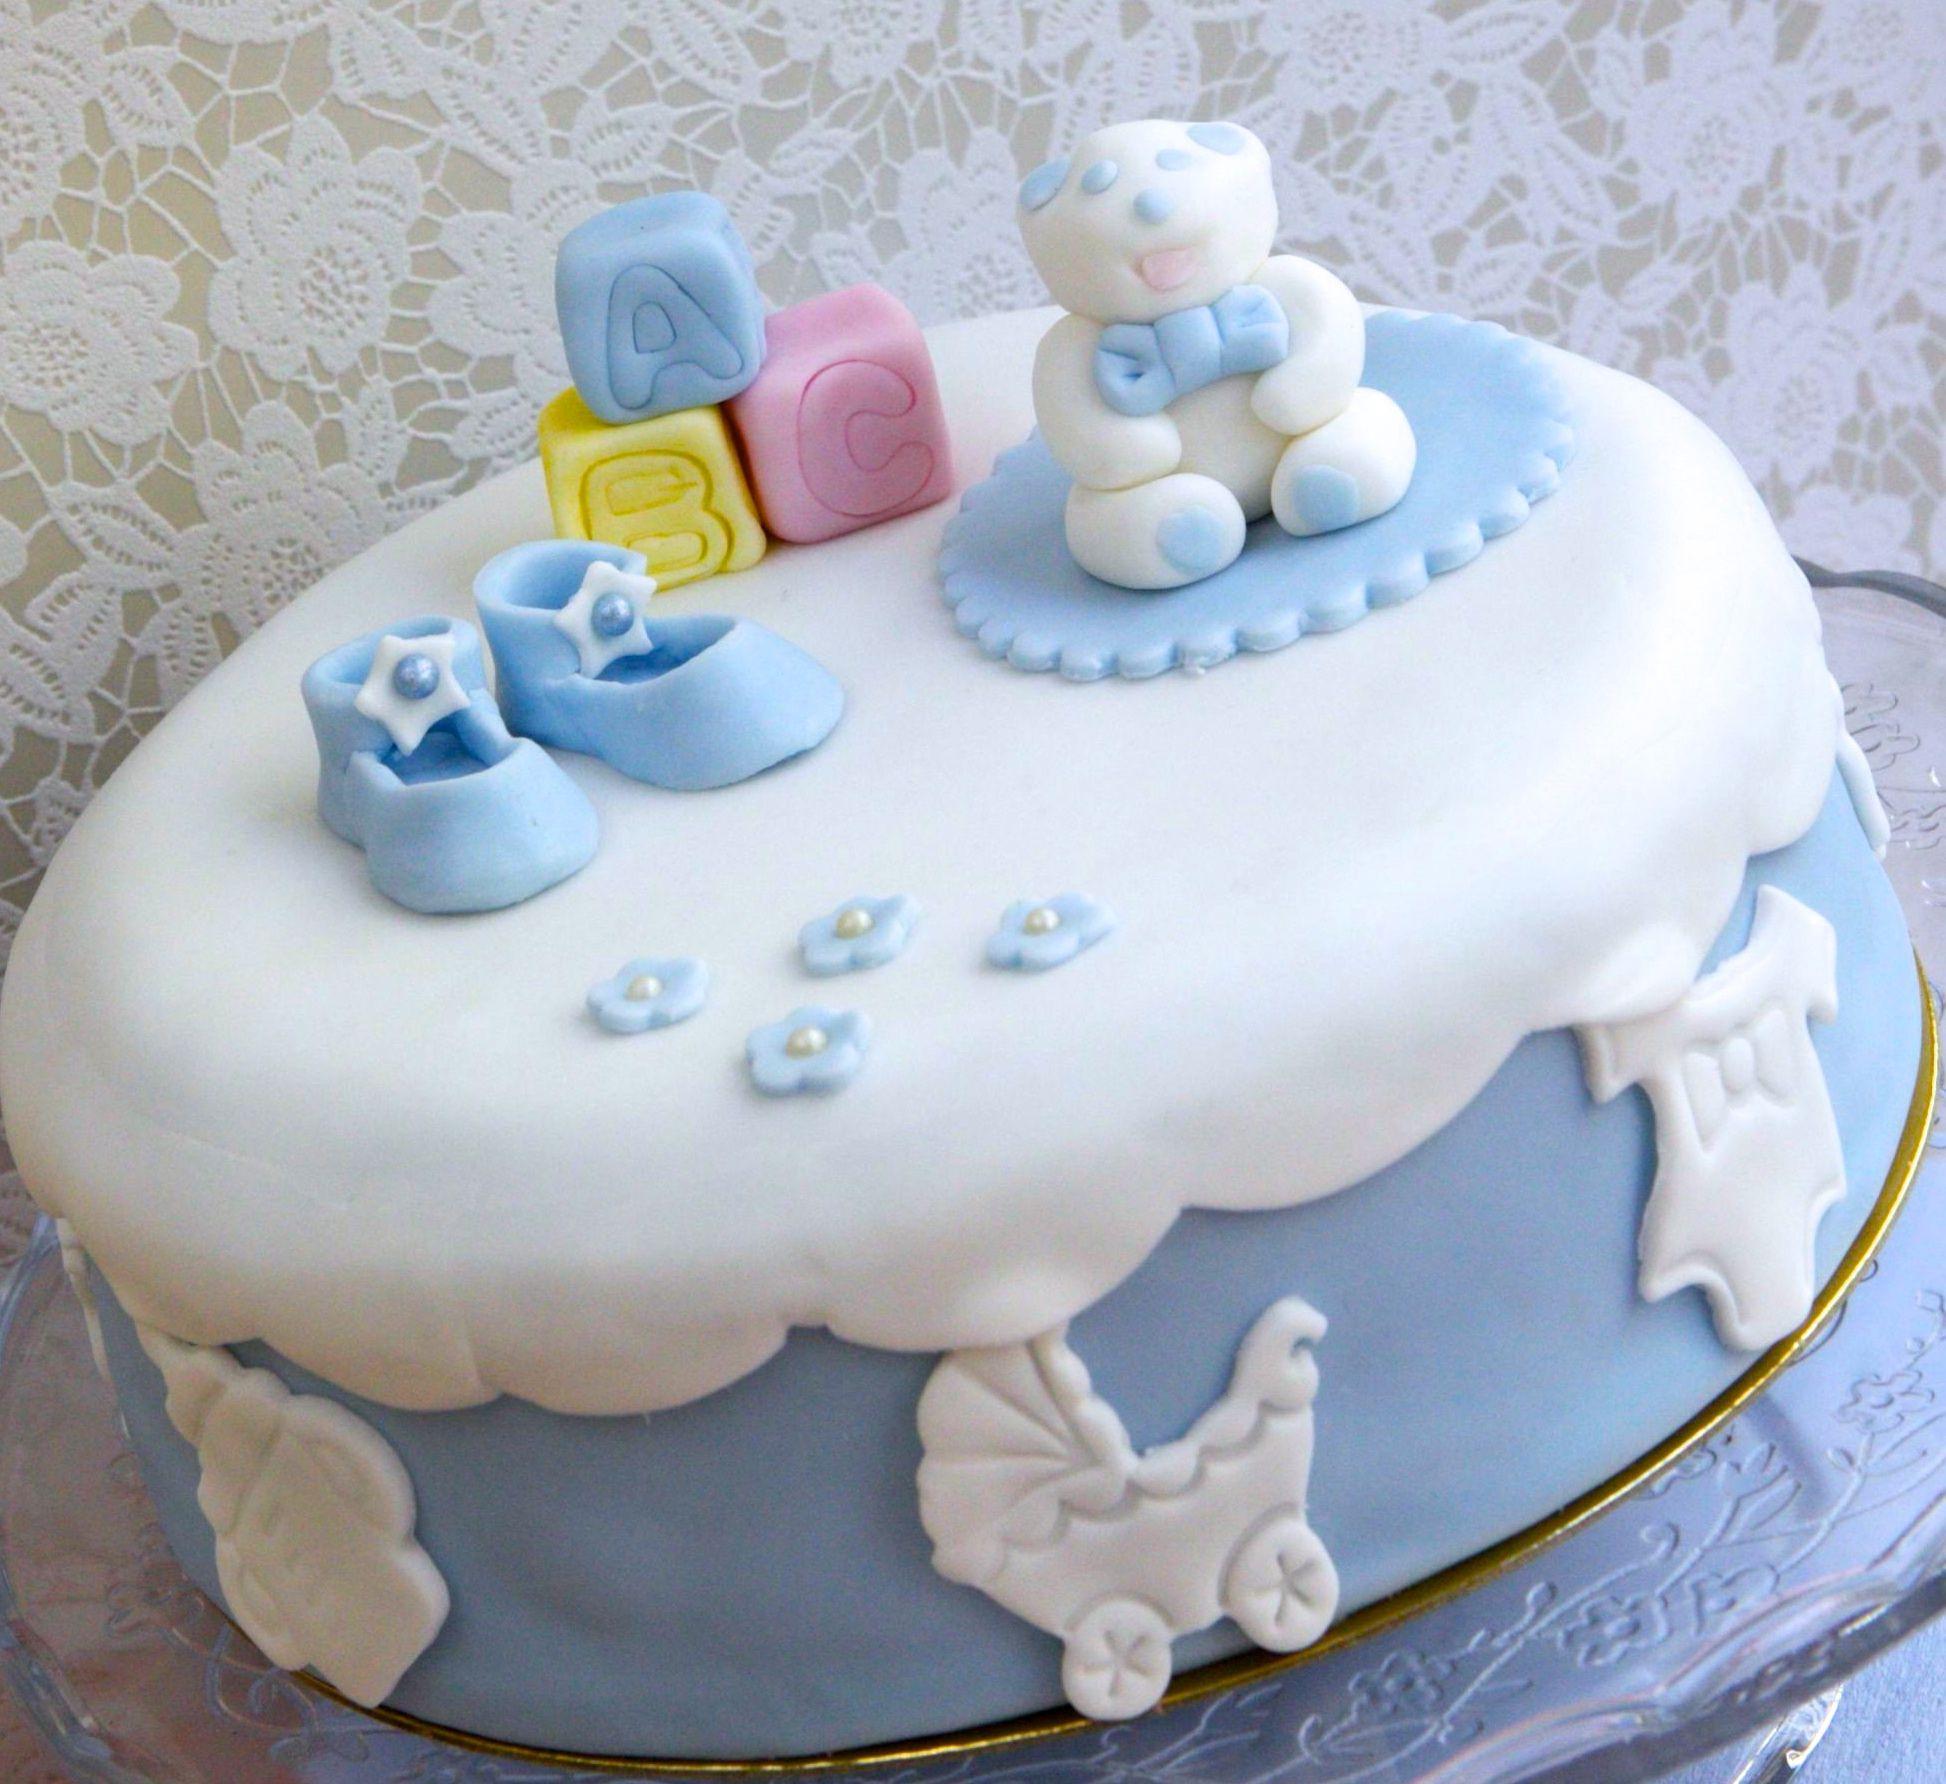 Gâteau Baby Shower, Gâteau Naissance, Fille, Garçon, Bébé, Baby, Gâteaux